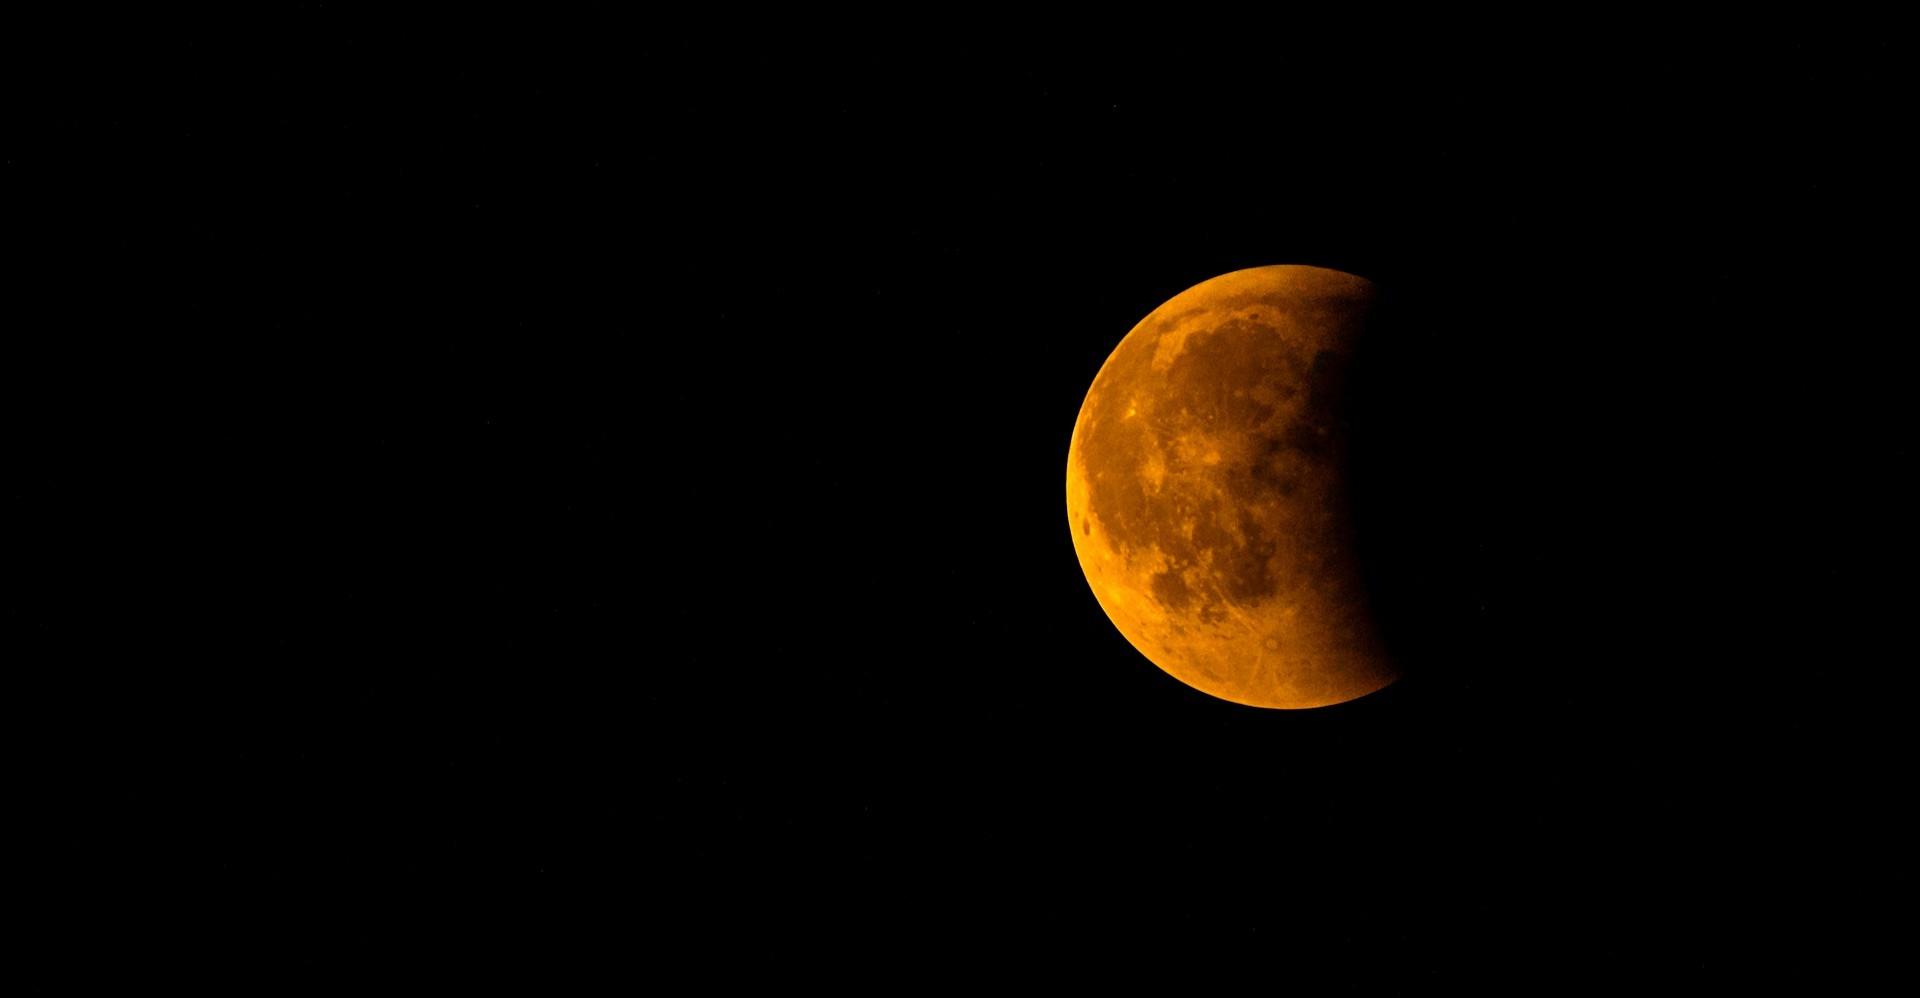 Jutro zaćmienie Księżyca! Podsyłajcie fotki